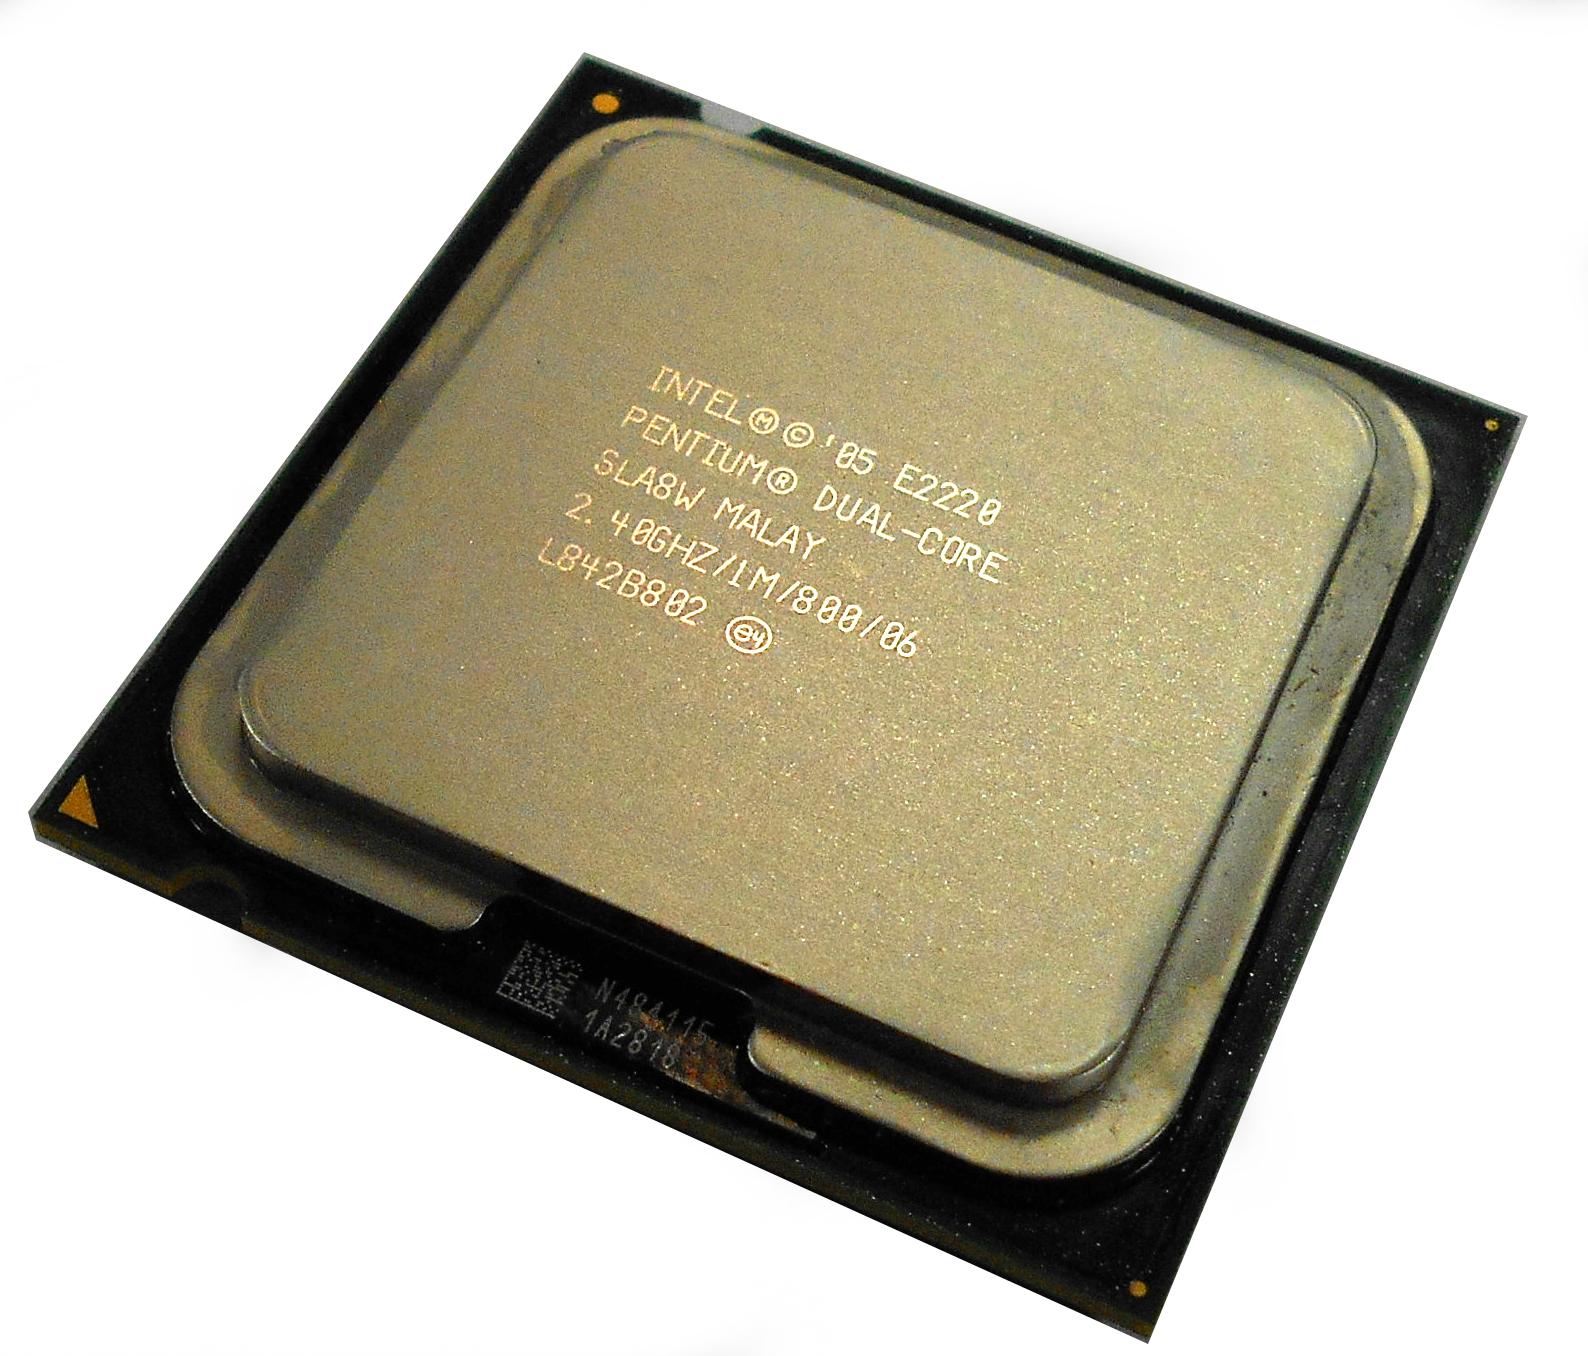 SLA8W Intel Pentium Dual Core E2220 2.4GHz / 1M / 800 / 06 Processor